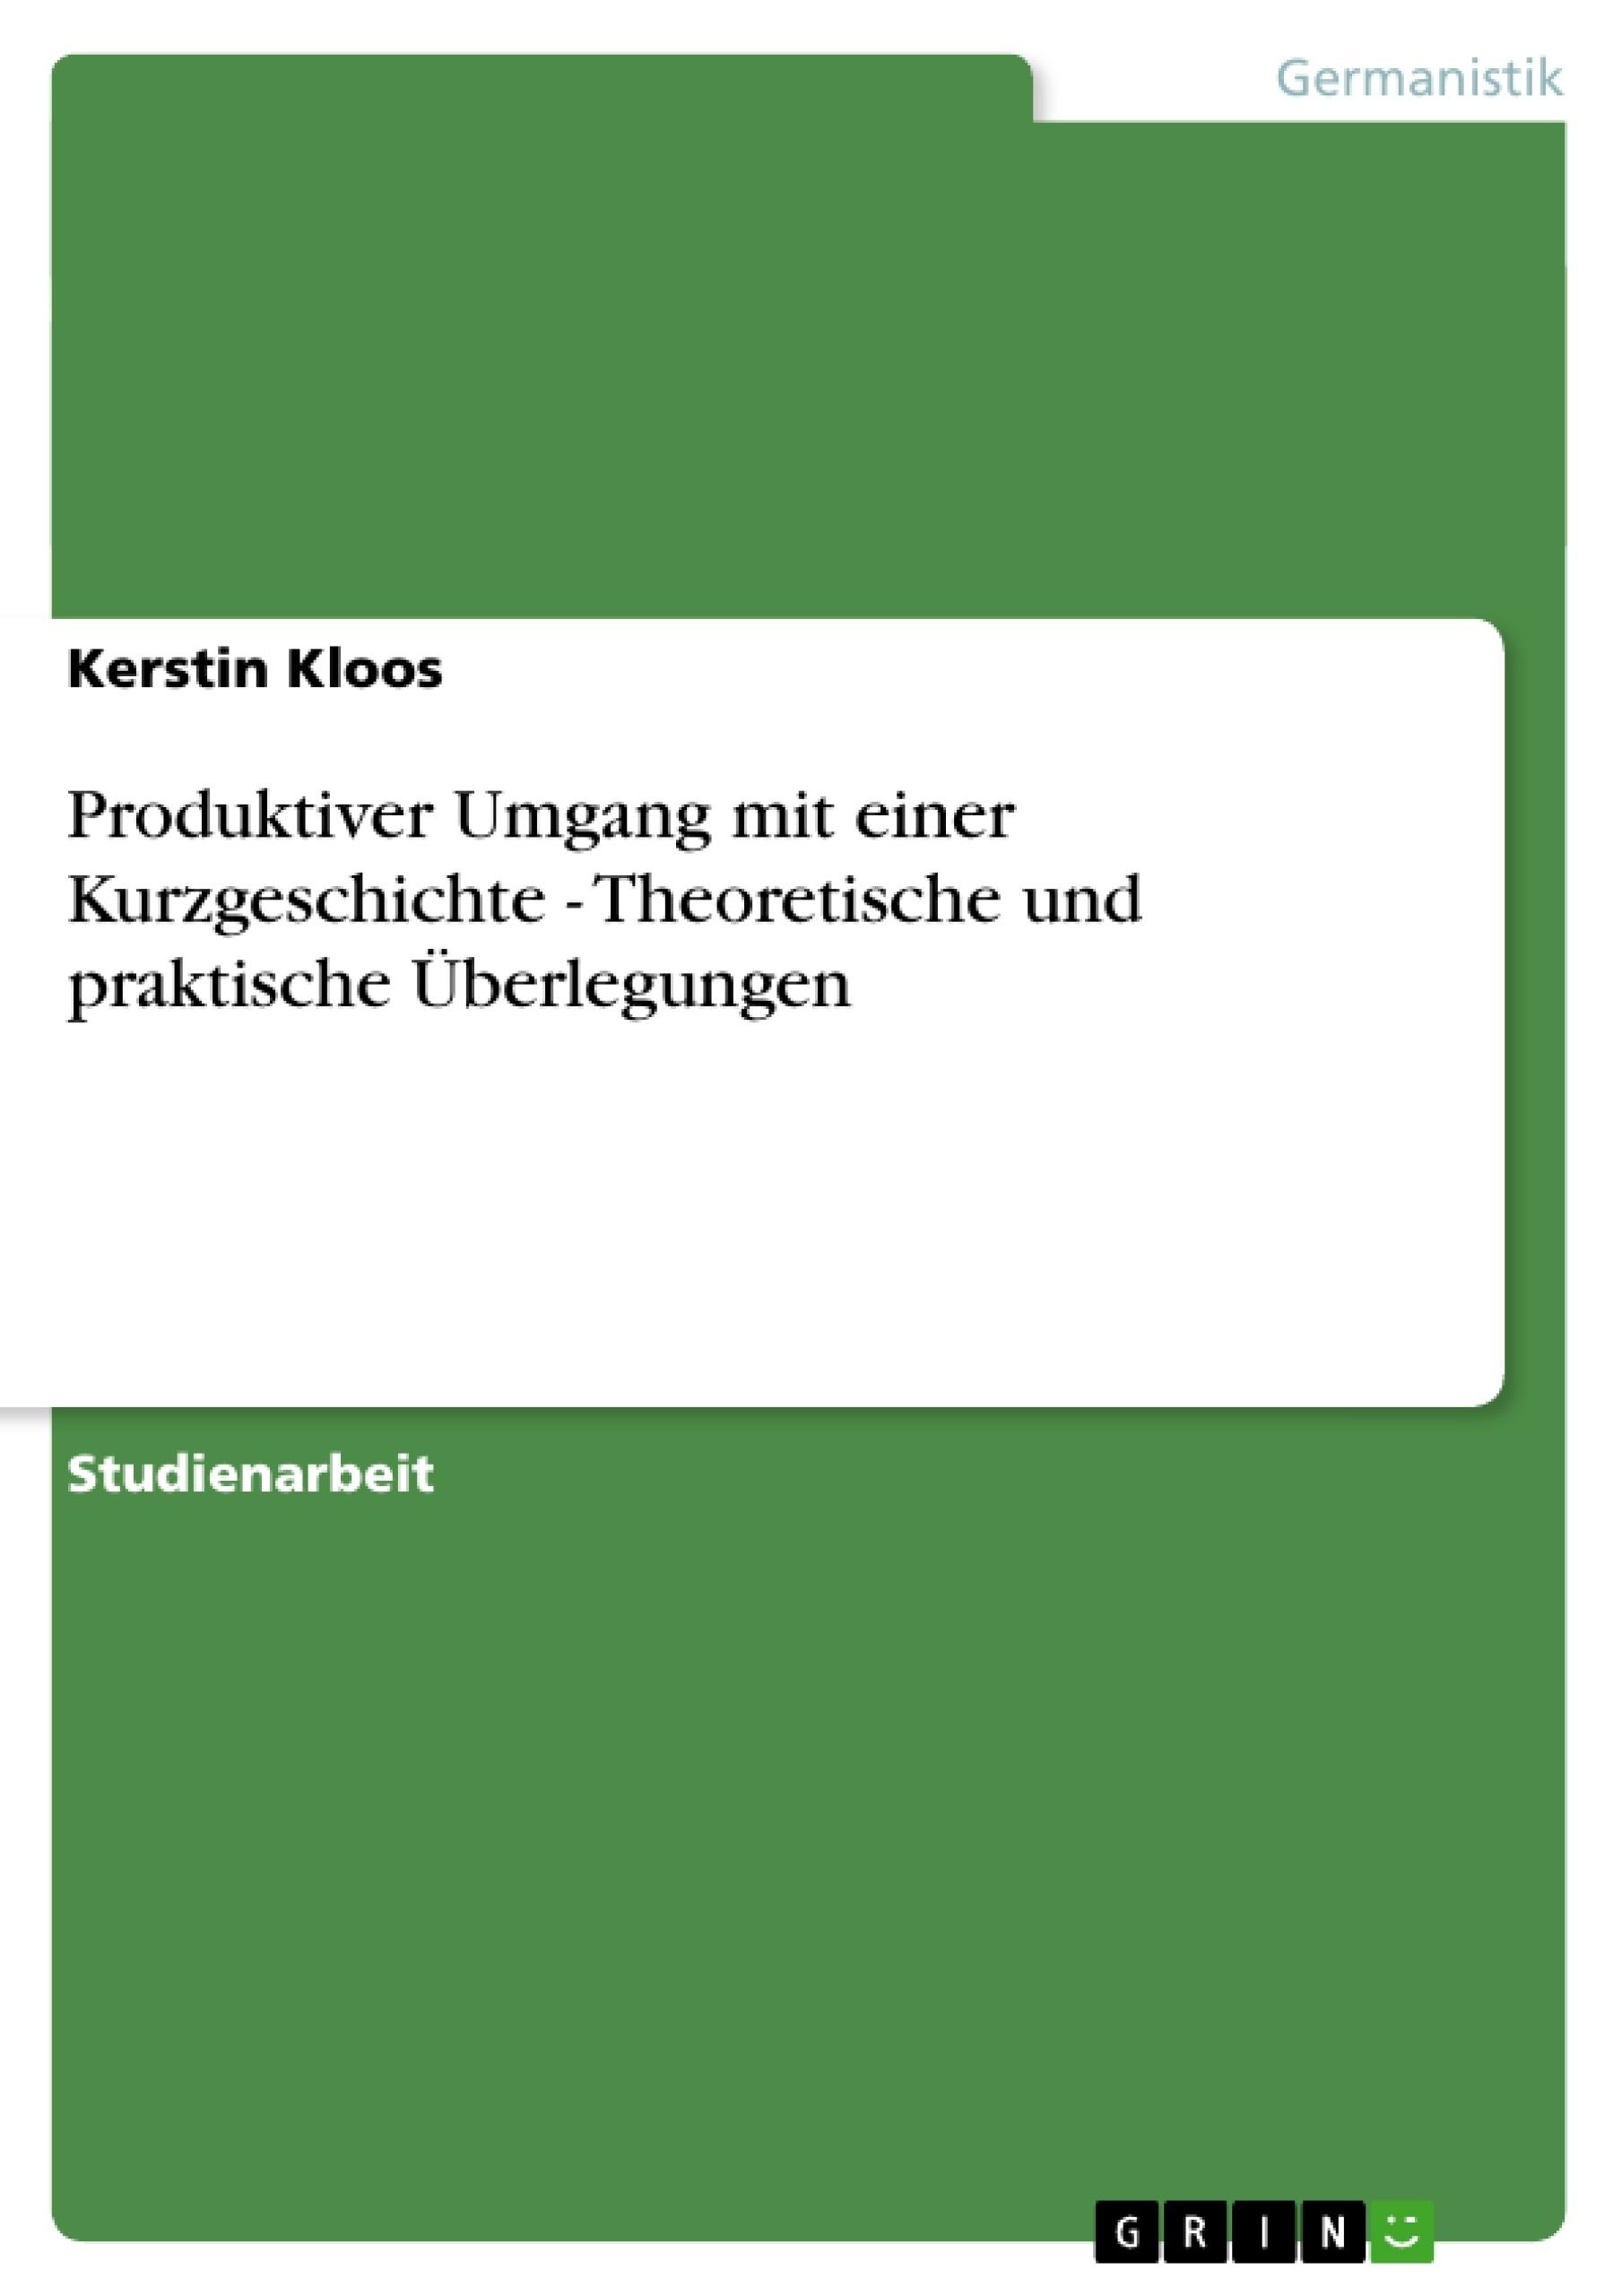 Titel: Produktiver Umgang mit einer Kurzgeschichte - Theoretische und praktische Überlegungen